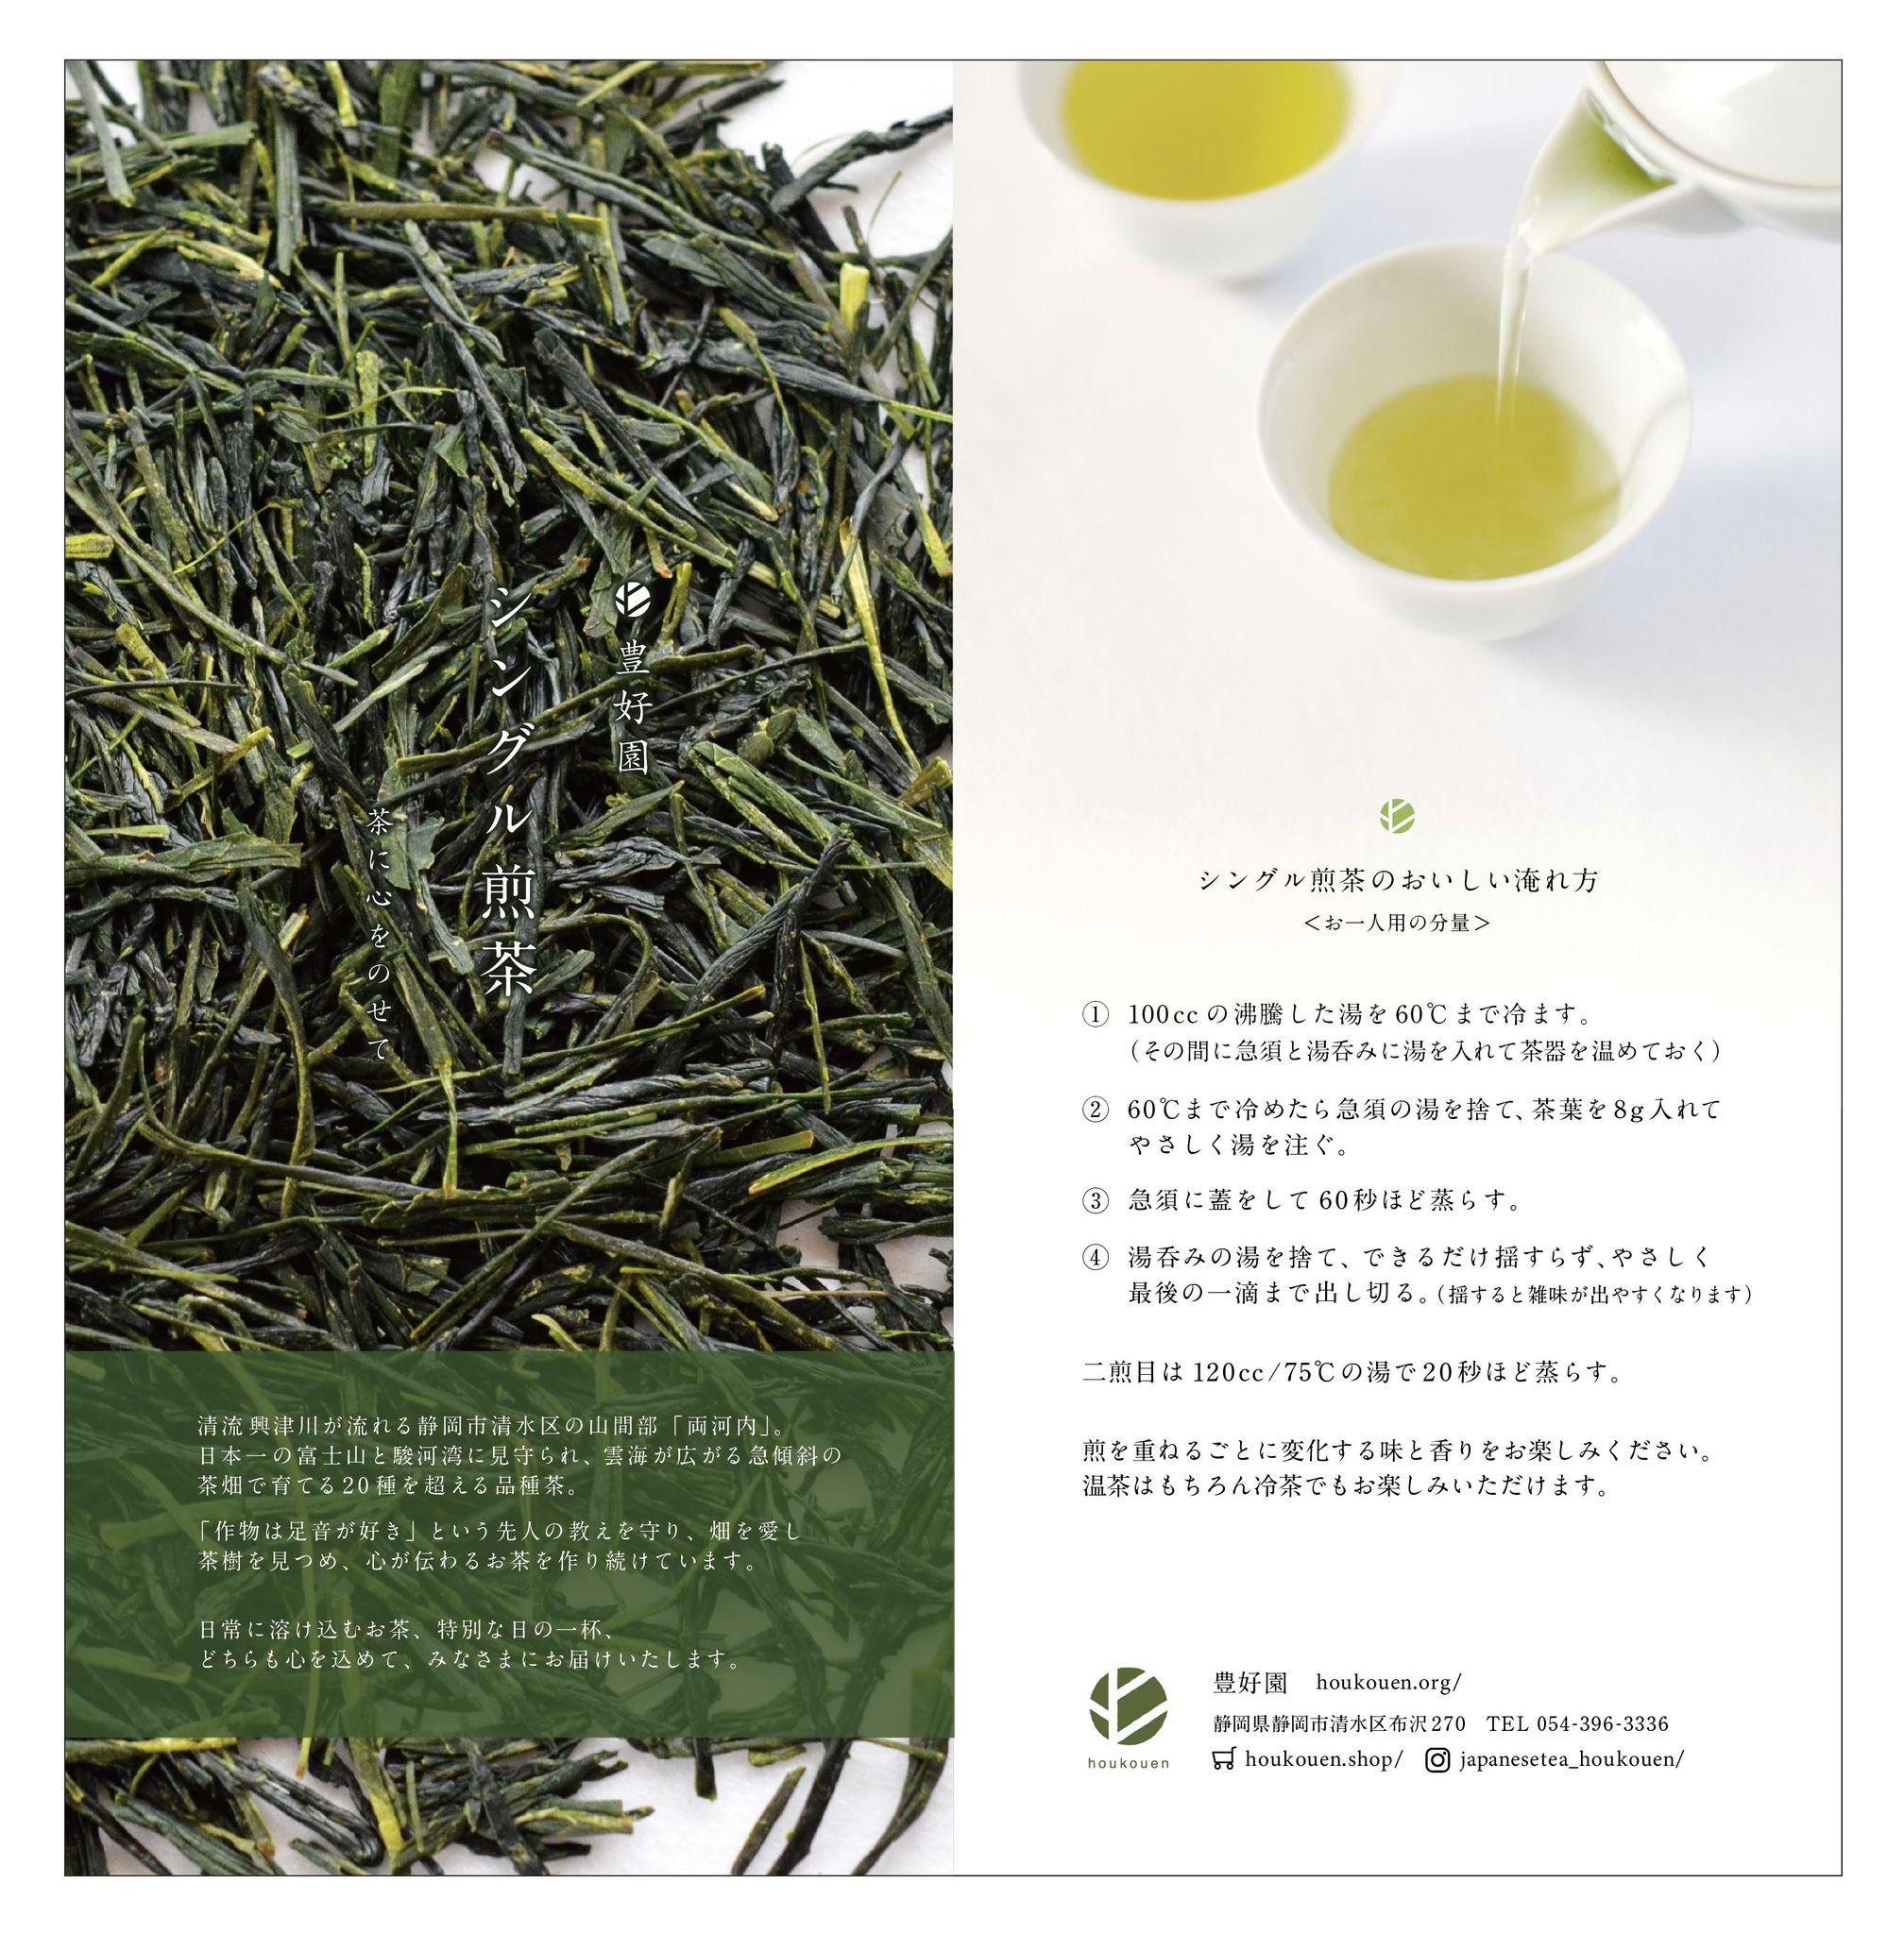 豊好園のシングル茶「おいしい淹れ方」